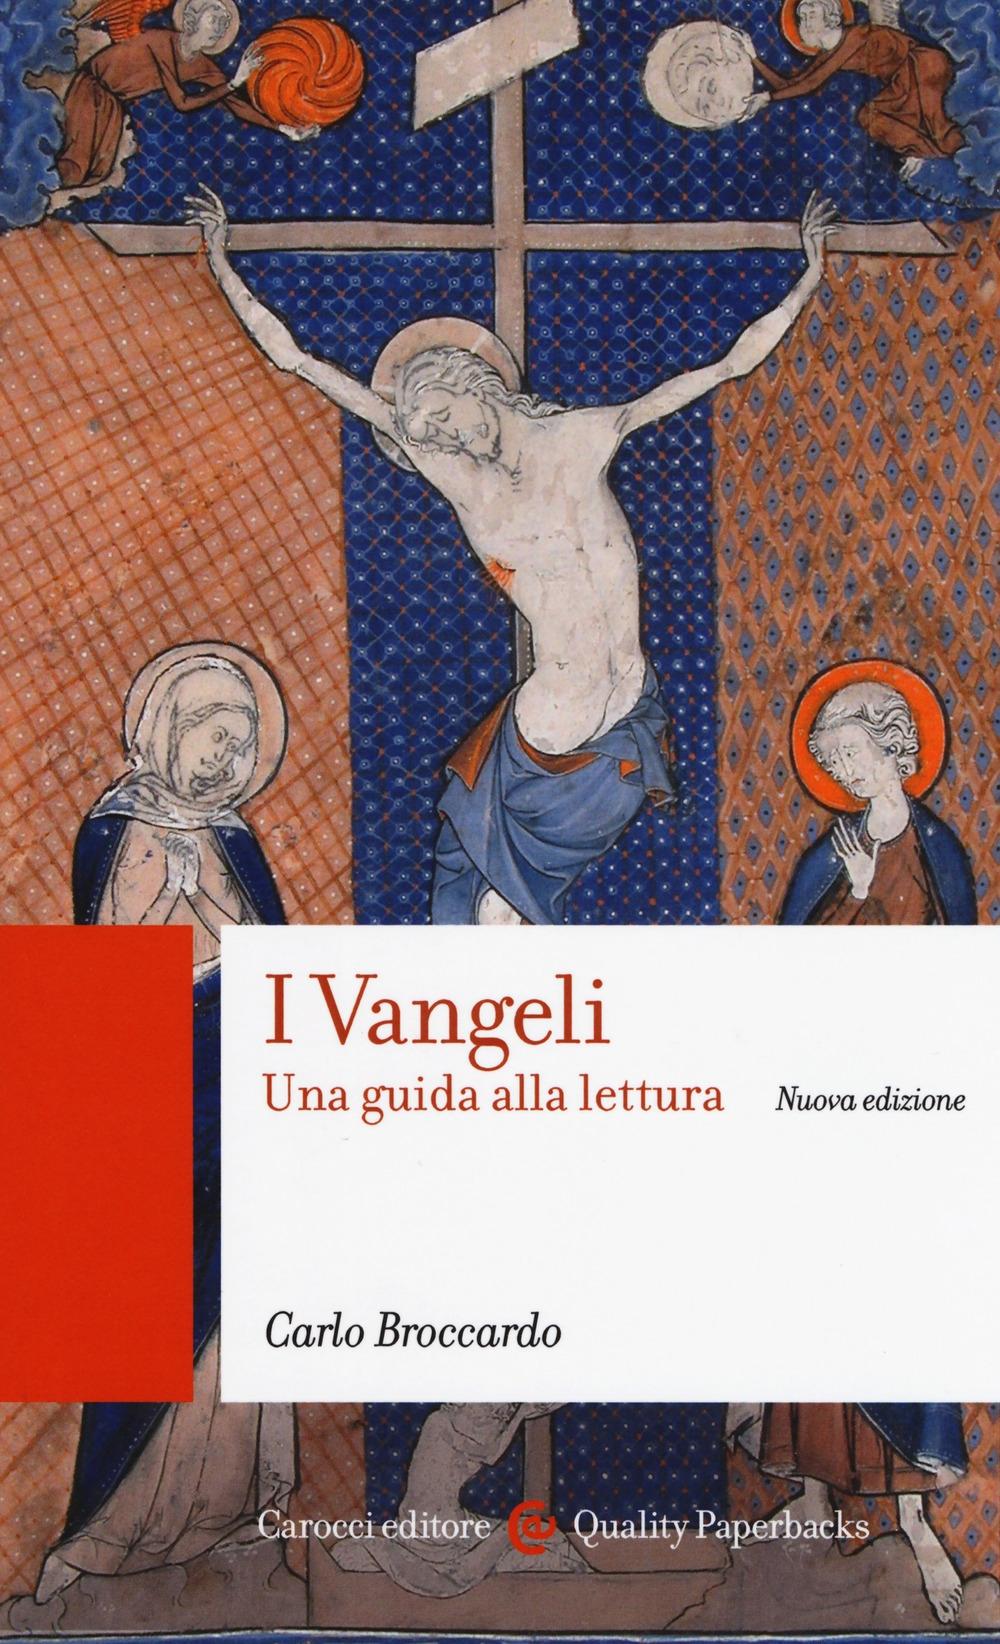 I Vangeli. Una guida alla lettura